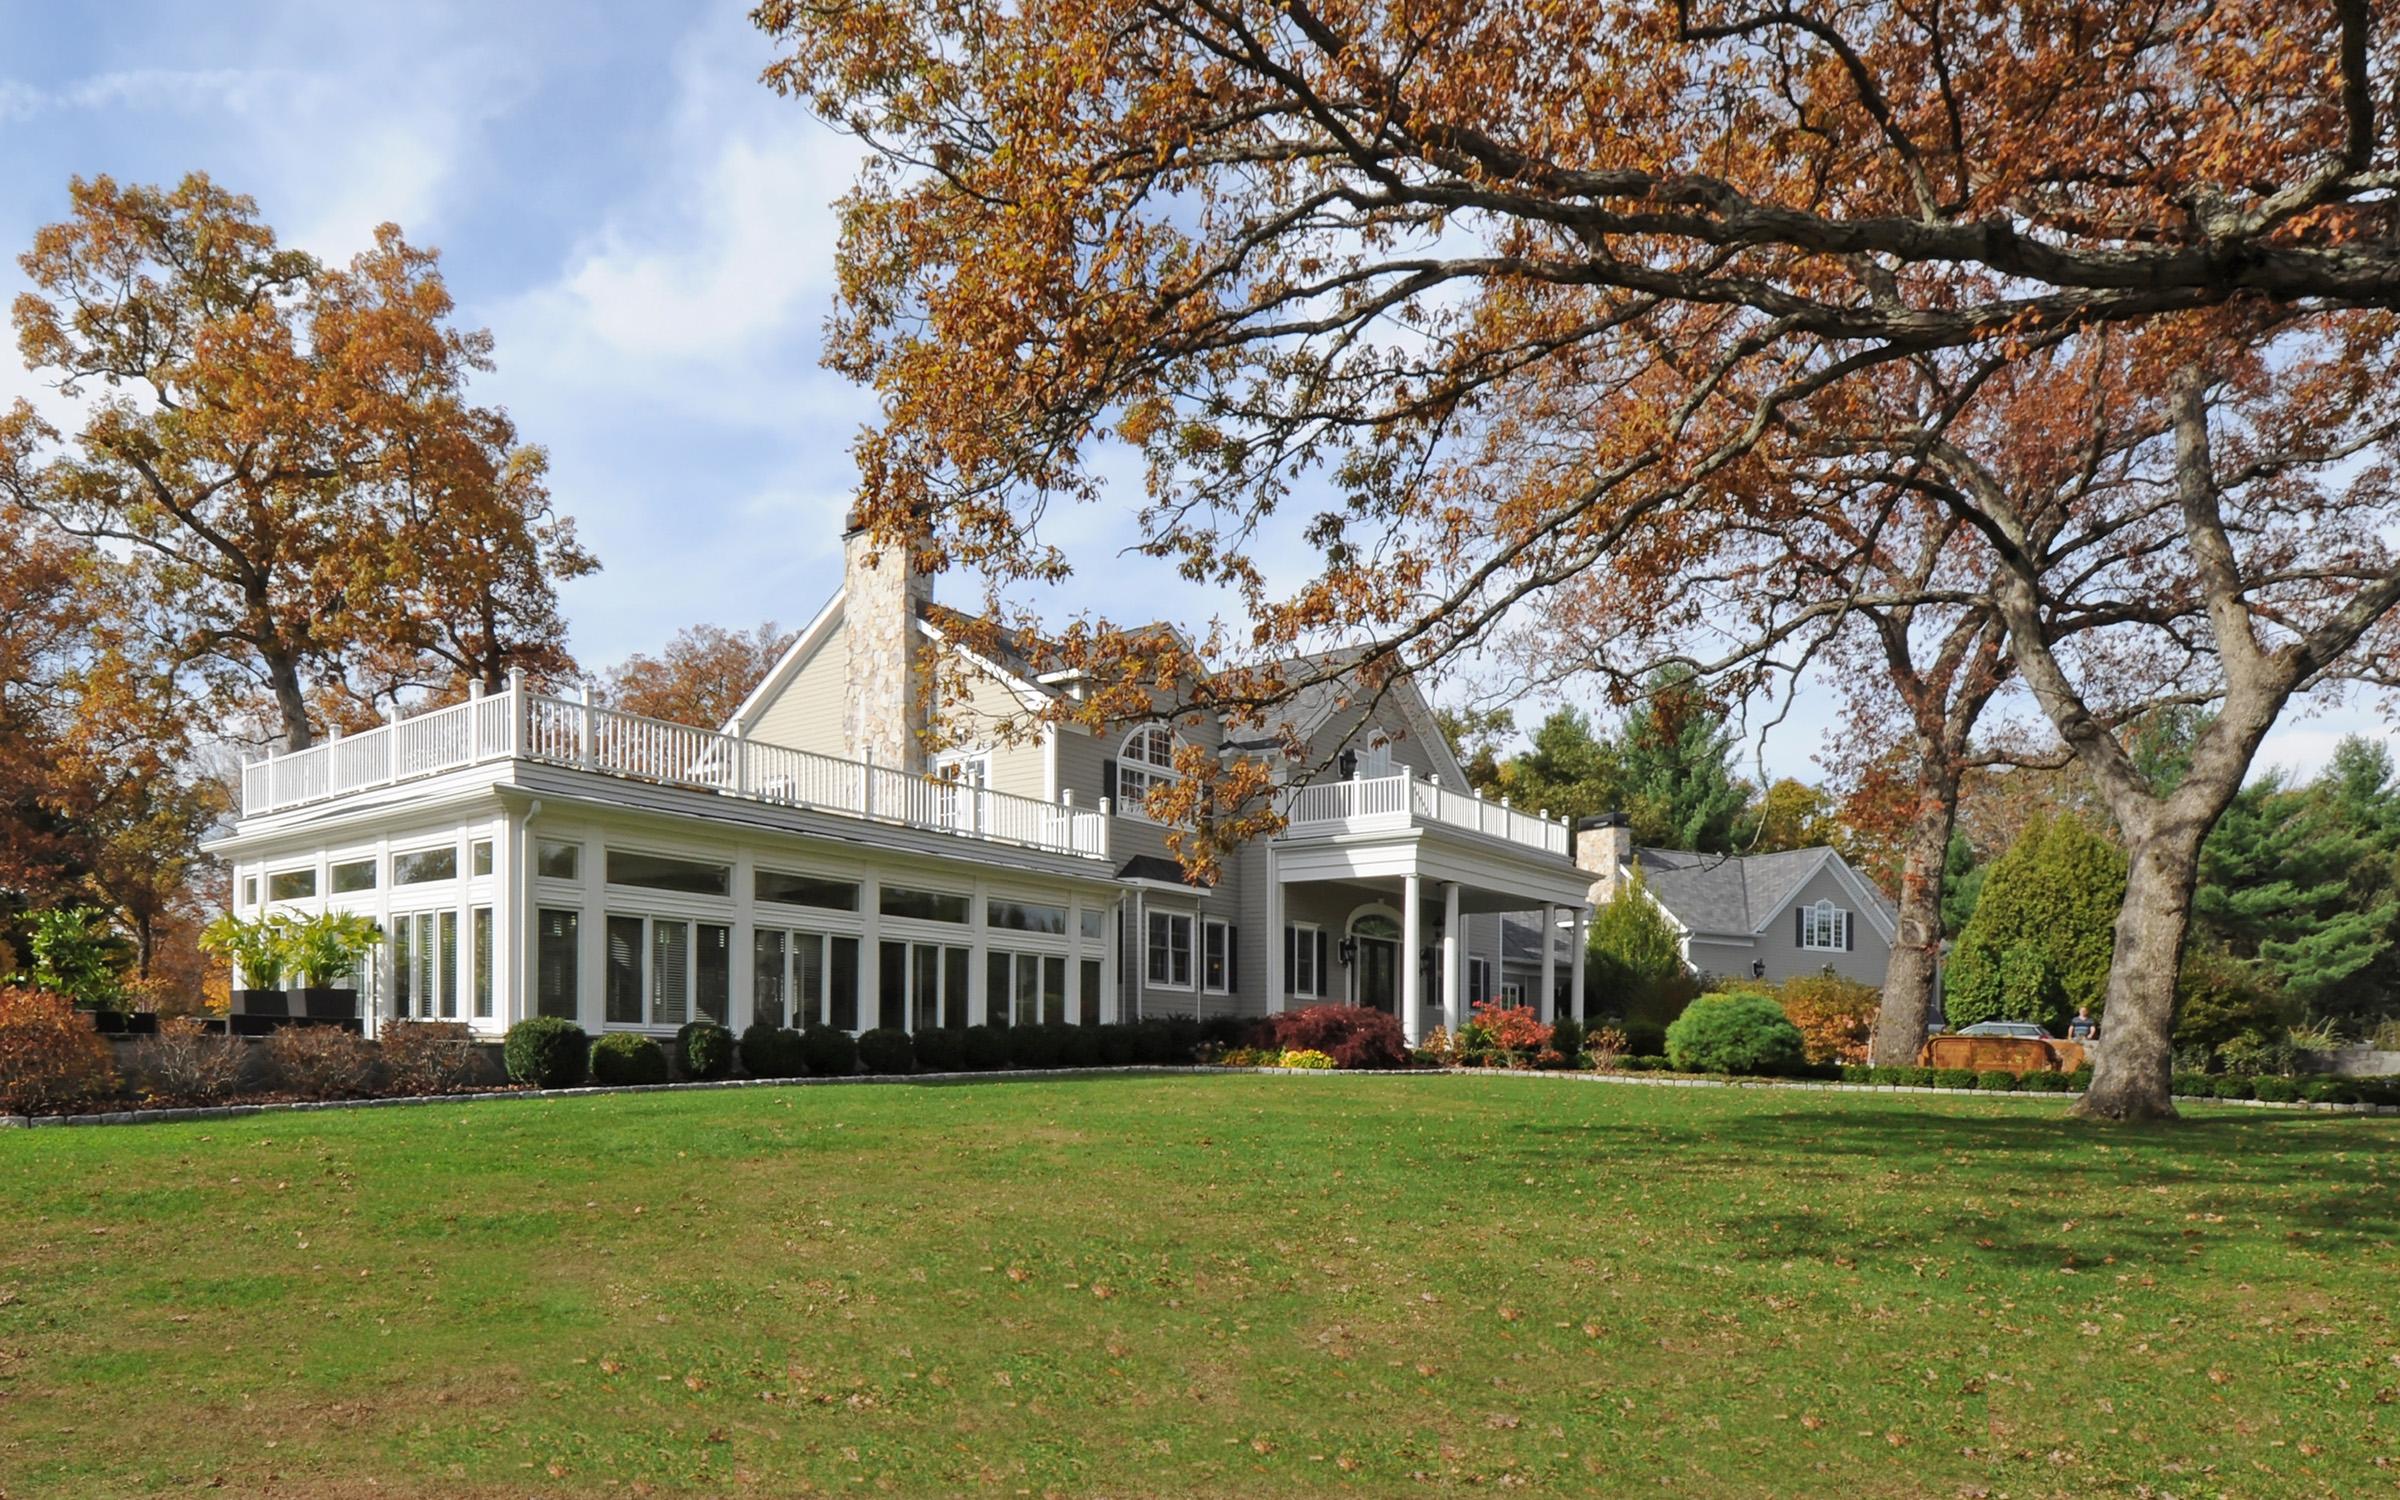 Tek Ailelik Ev için Satış at Exquisite Estate 44 Lillis Road New Milford, Connecticut 06776 Amerika Birleşik Devletleri